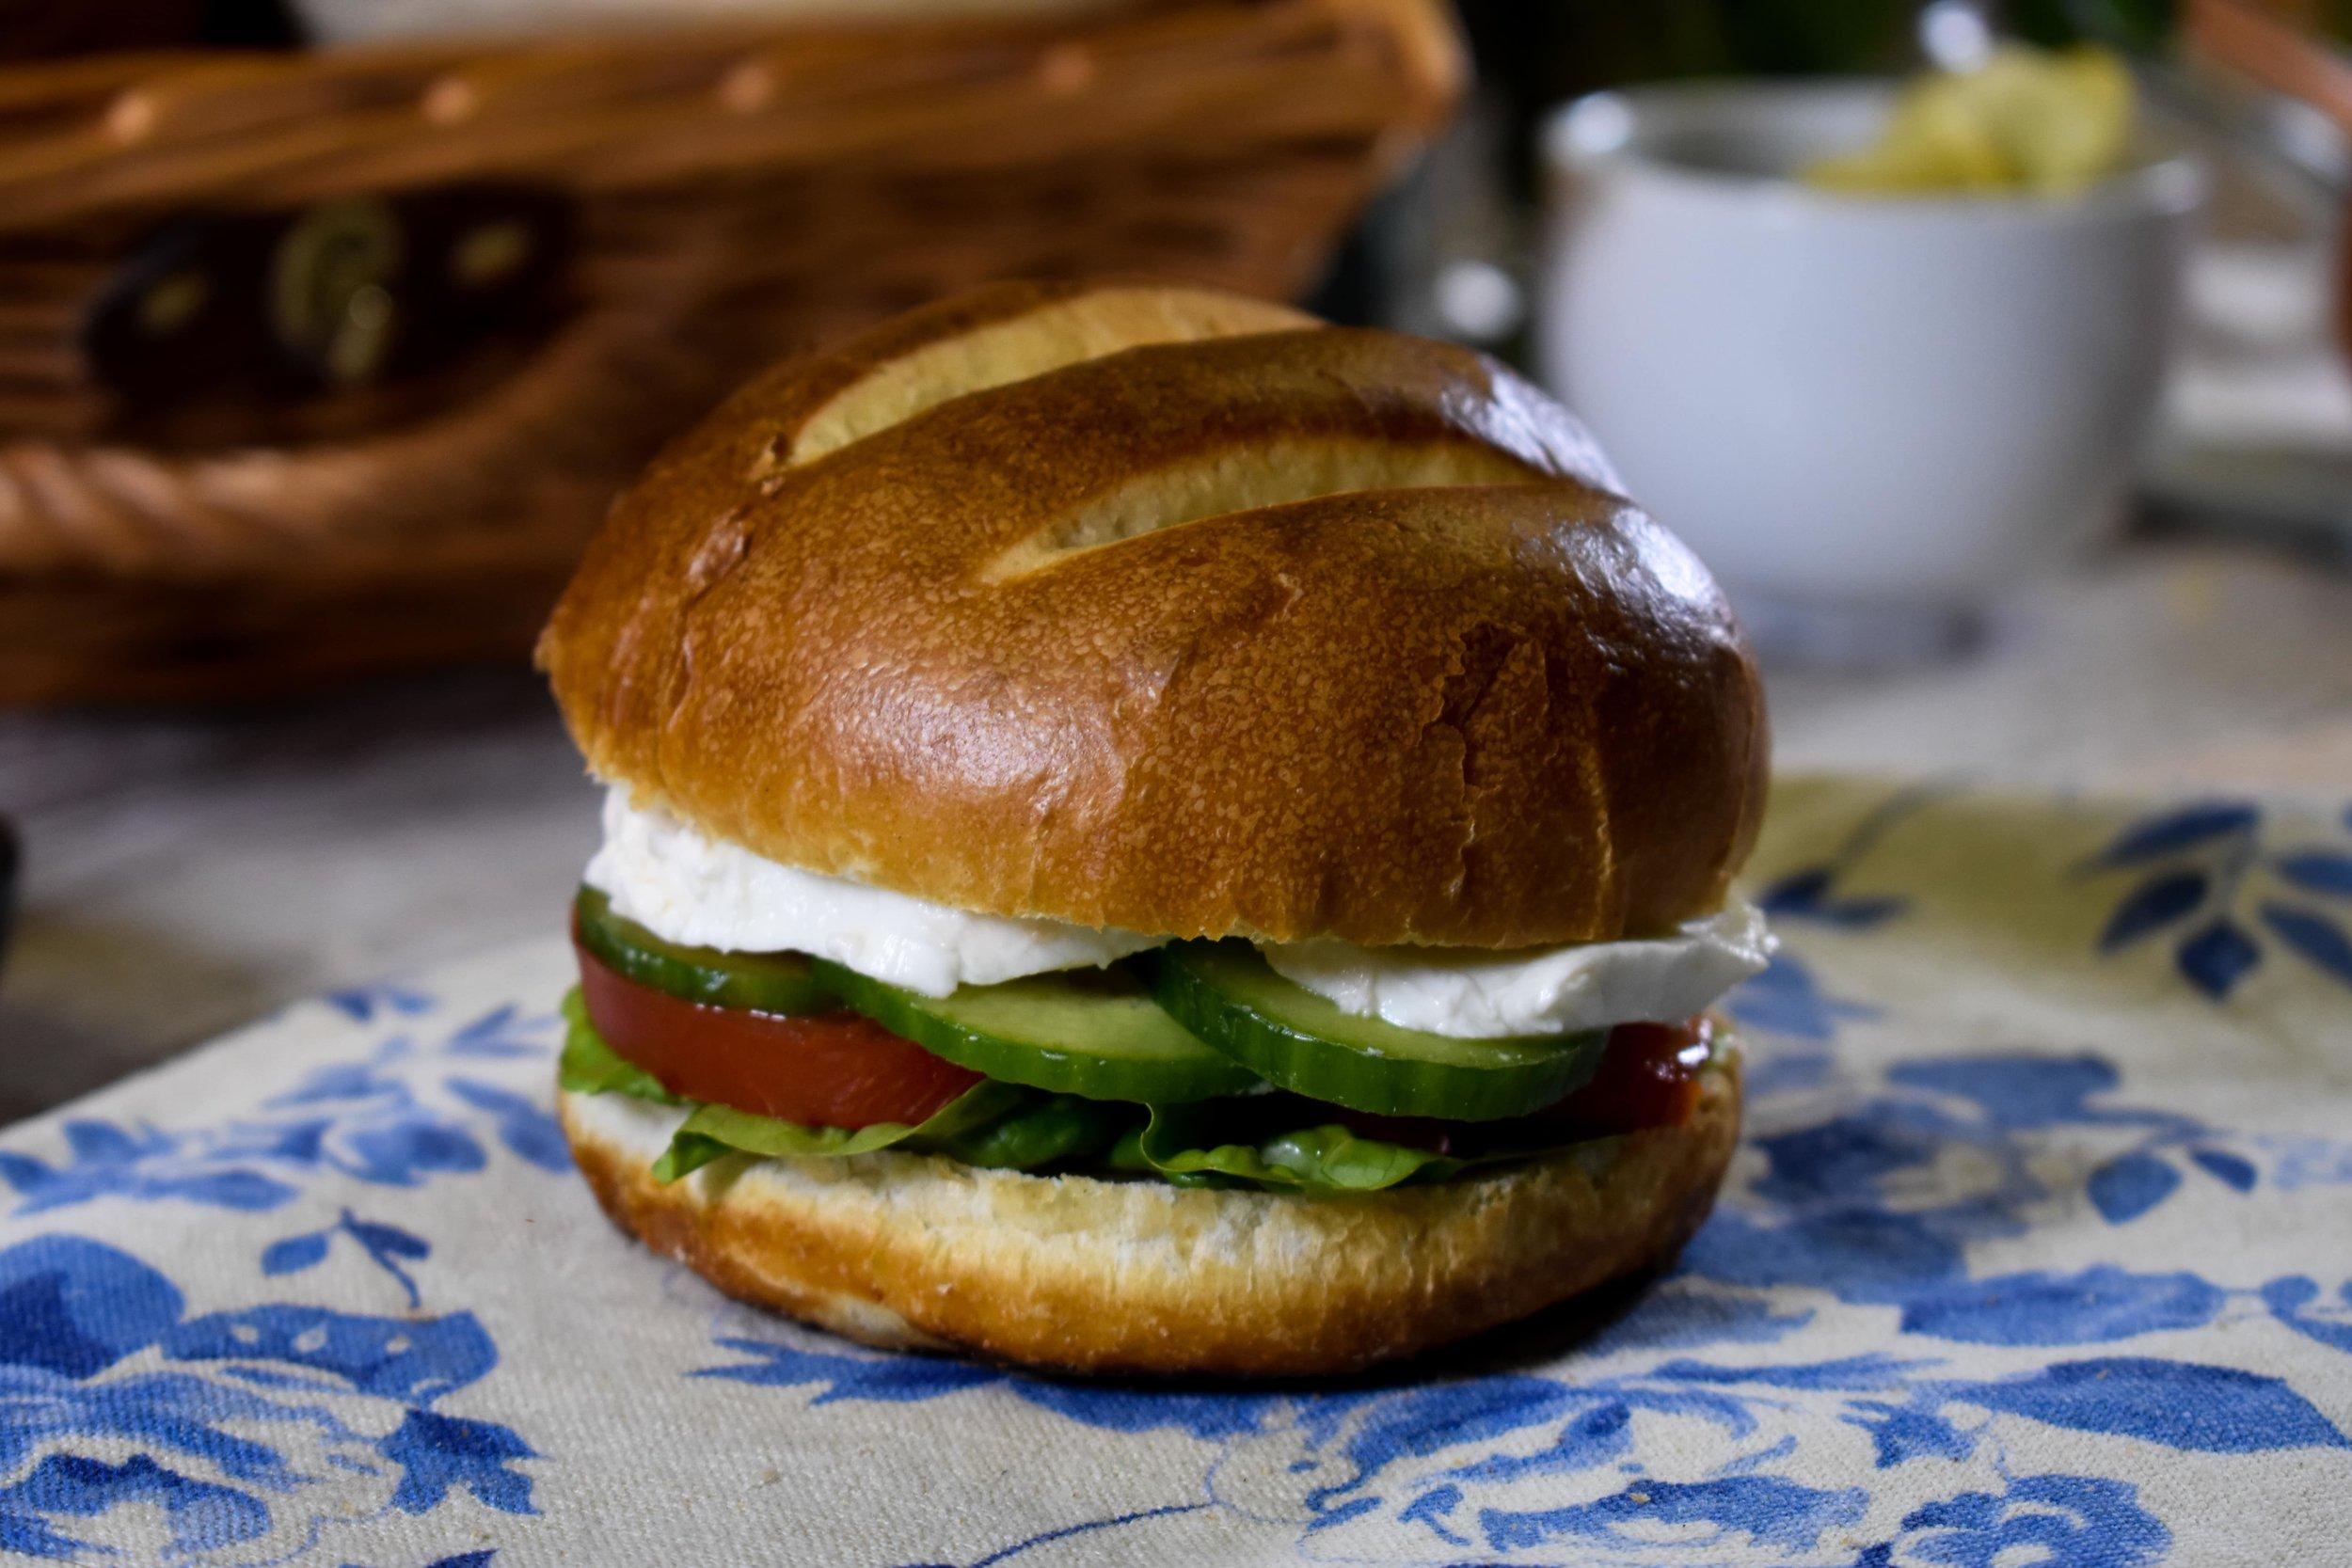 Pretzel bun with lettuce, cucumber, tomato and mozzarella